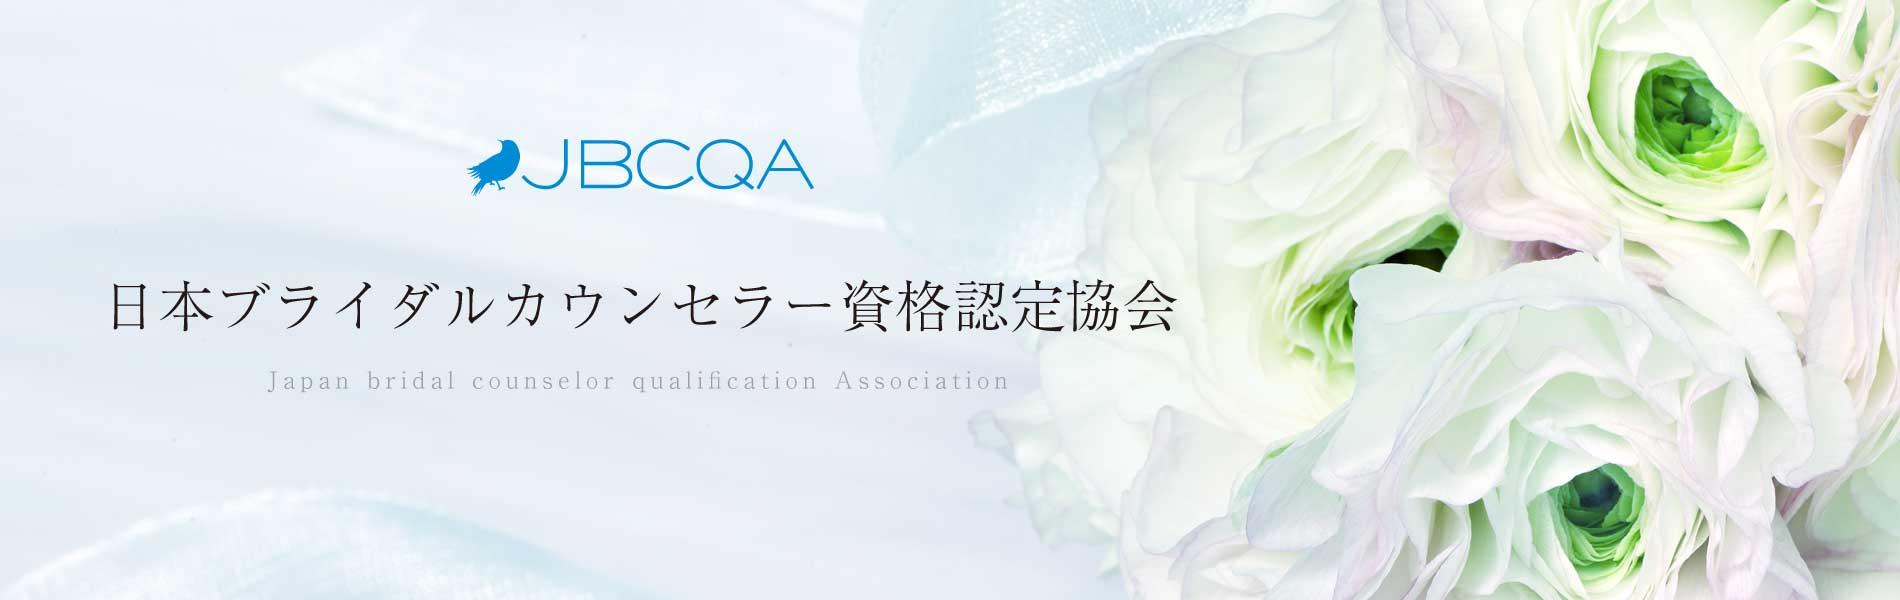 日本ブライダルカウンセラー資格認定協会